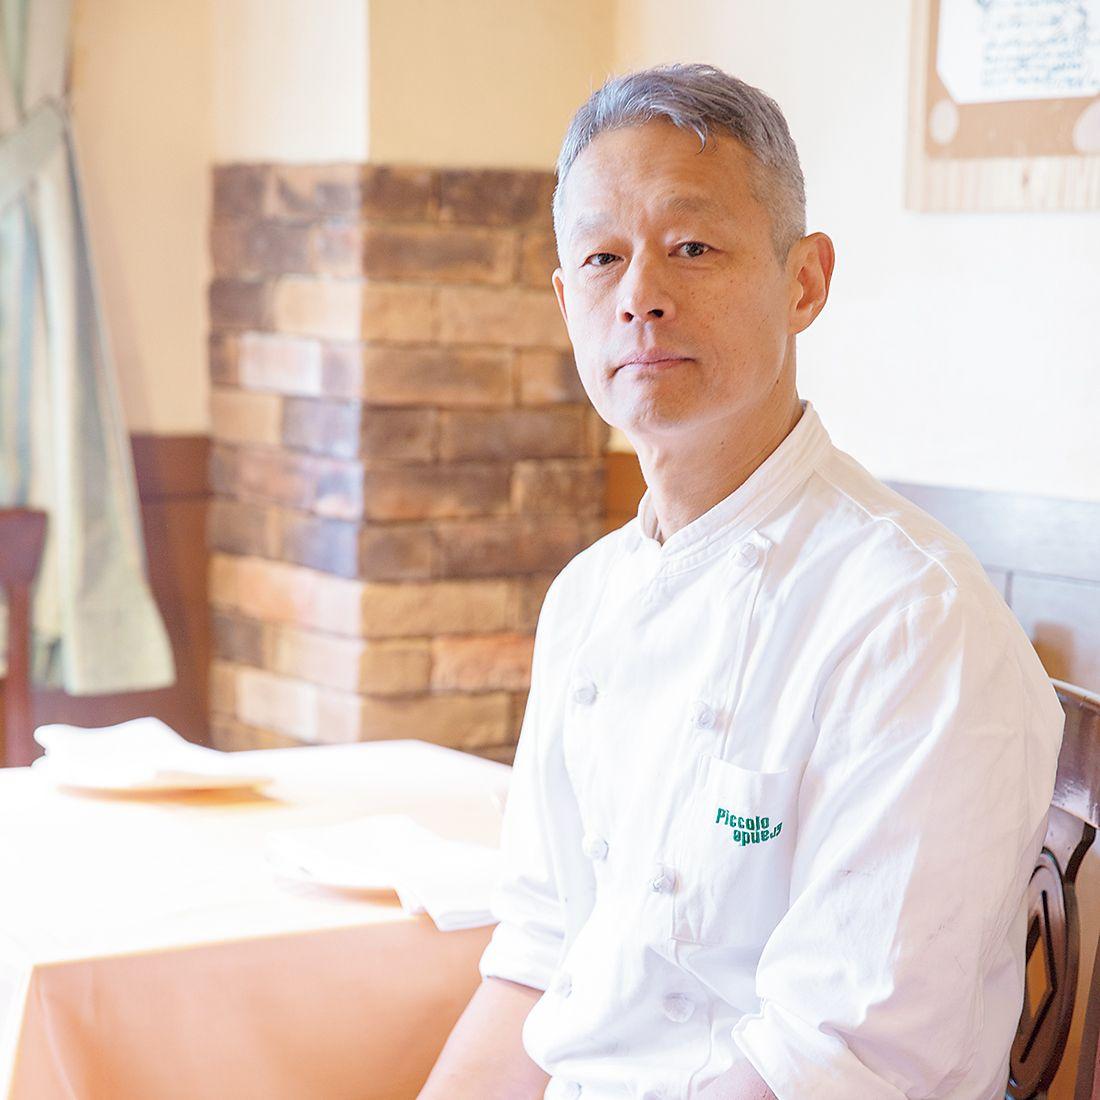 オーナーシェフの松倉氏。